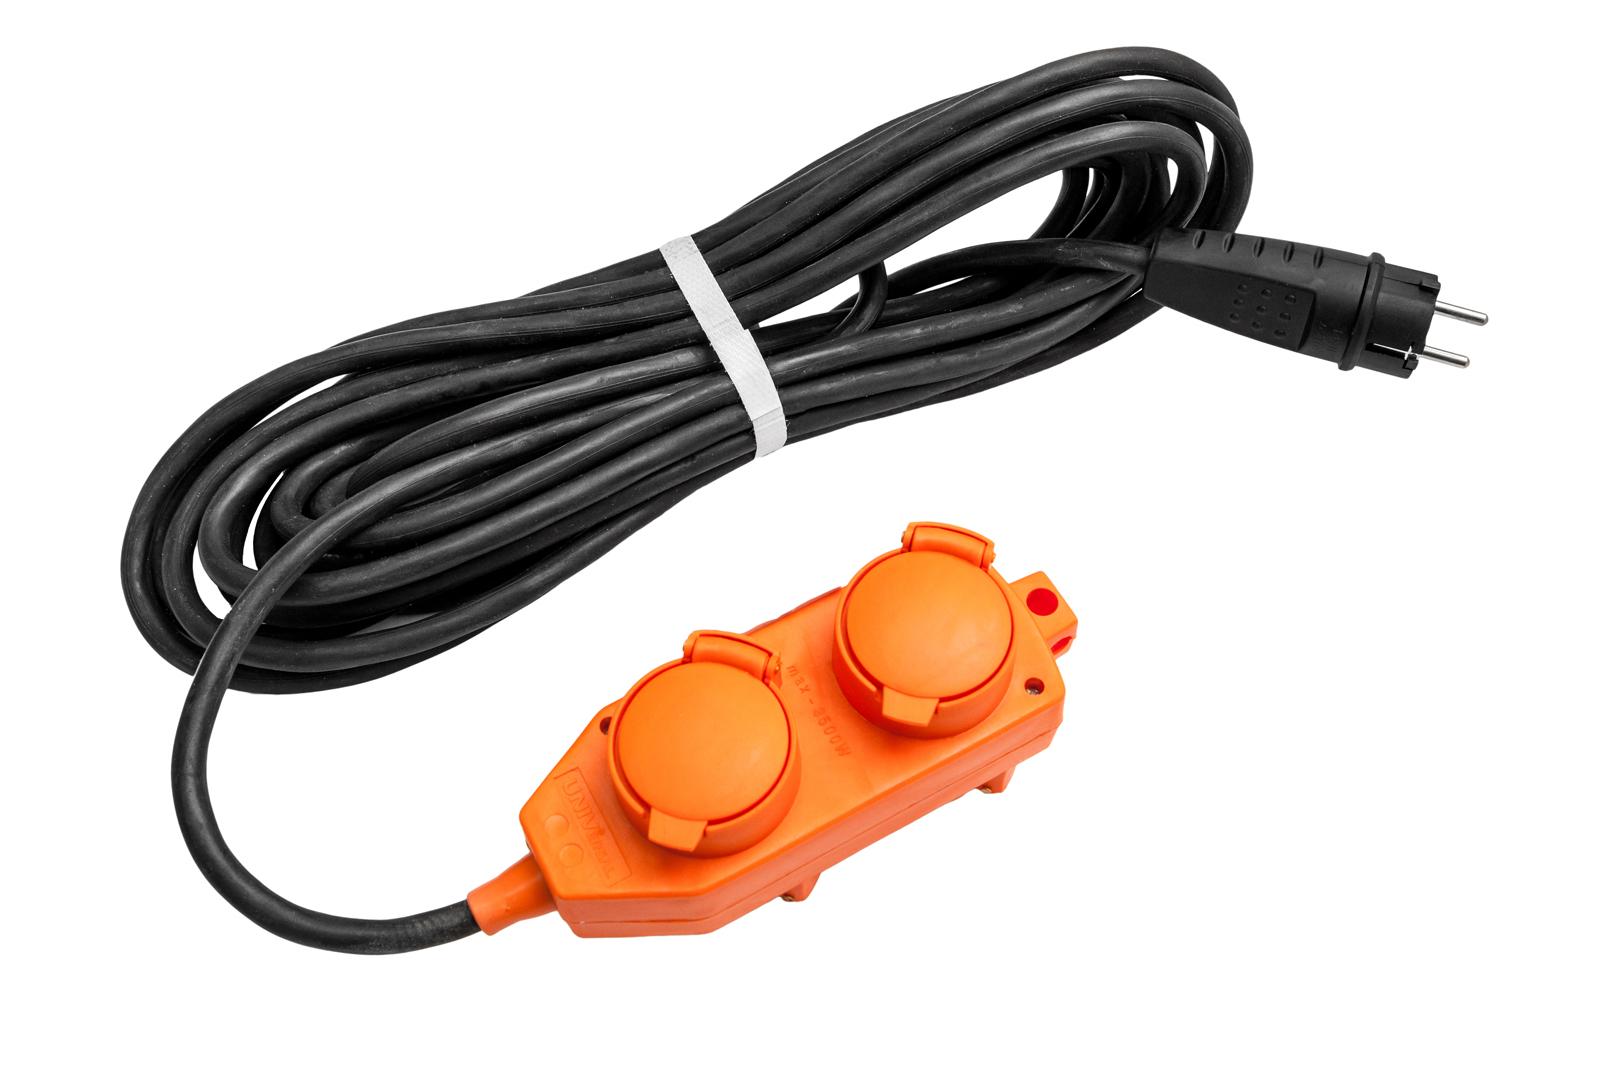 Удлинитель Universal У16-040 ip-44 КГ 3*1,5 4гнезда 50м